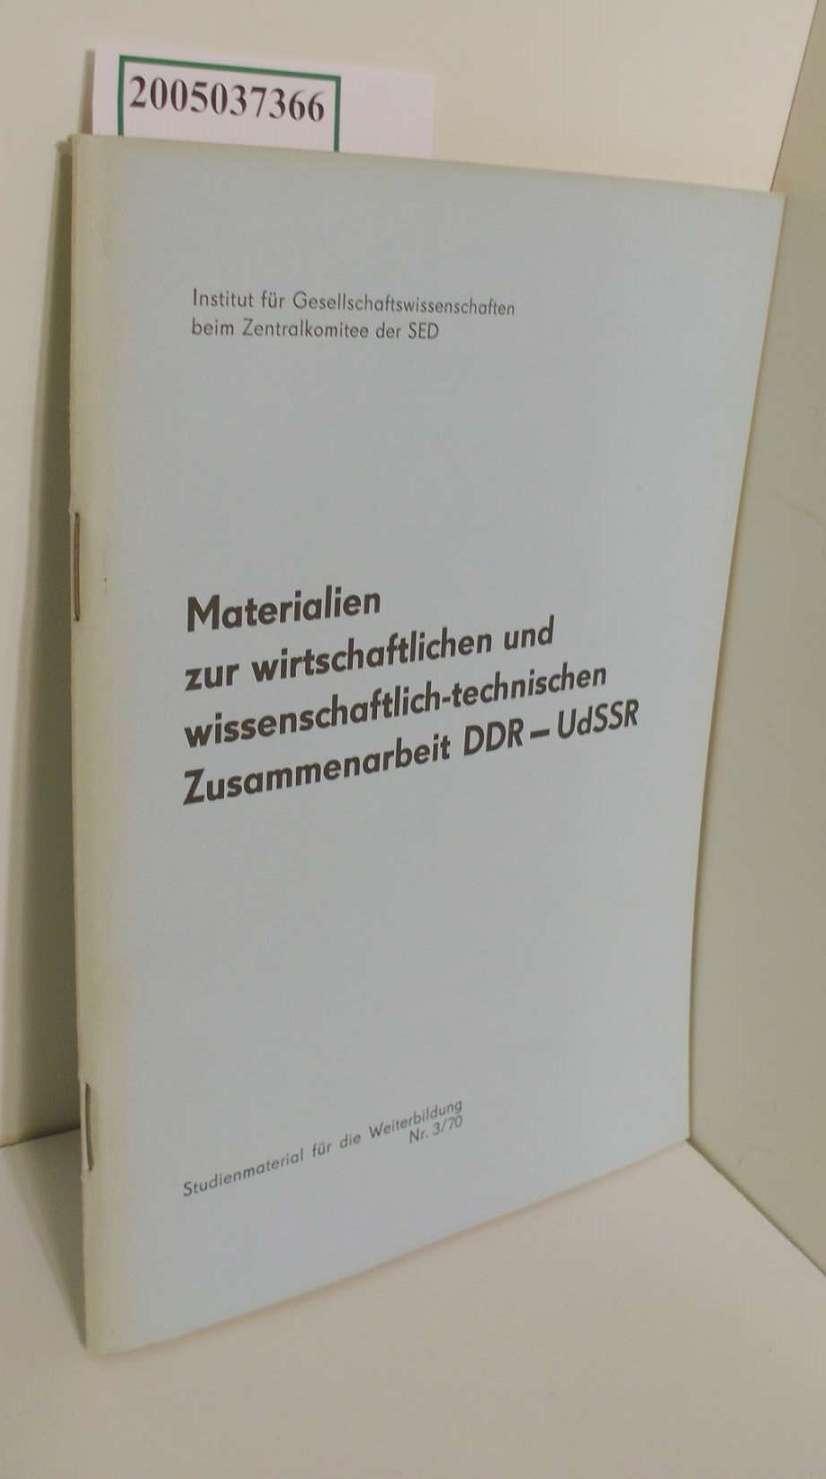 Materialien zur wirtschaftlichen und wissenschaftlich-technischen Zusammenarbeit DDR - UdSSR Studienmaterial für die Weierbildung Nr. 3/70